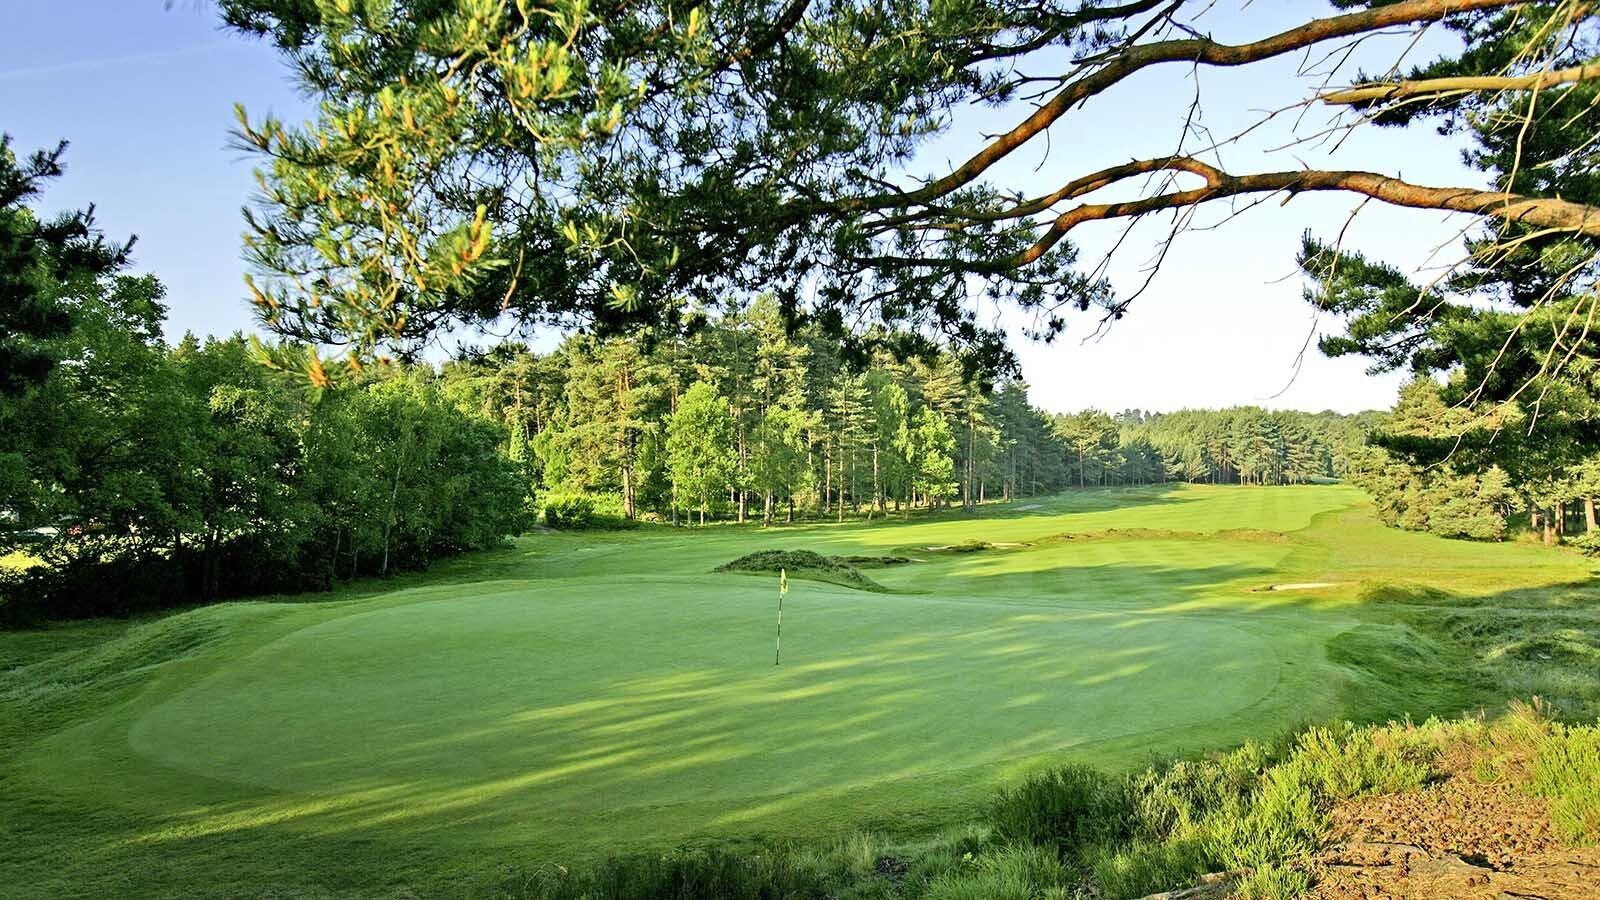 sunningdale_golf_club_5.jpg